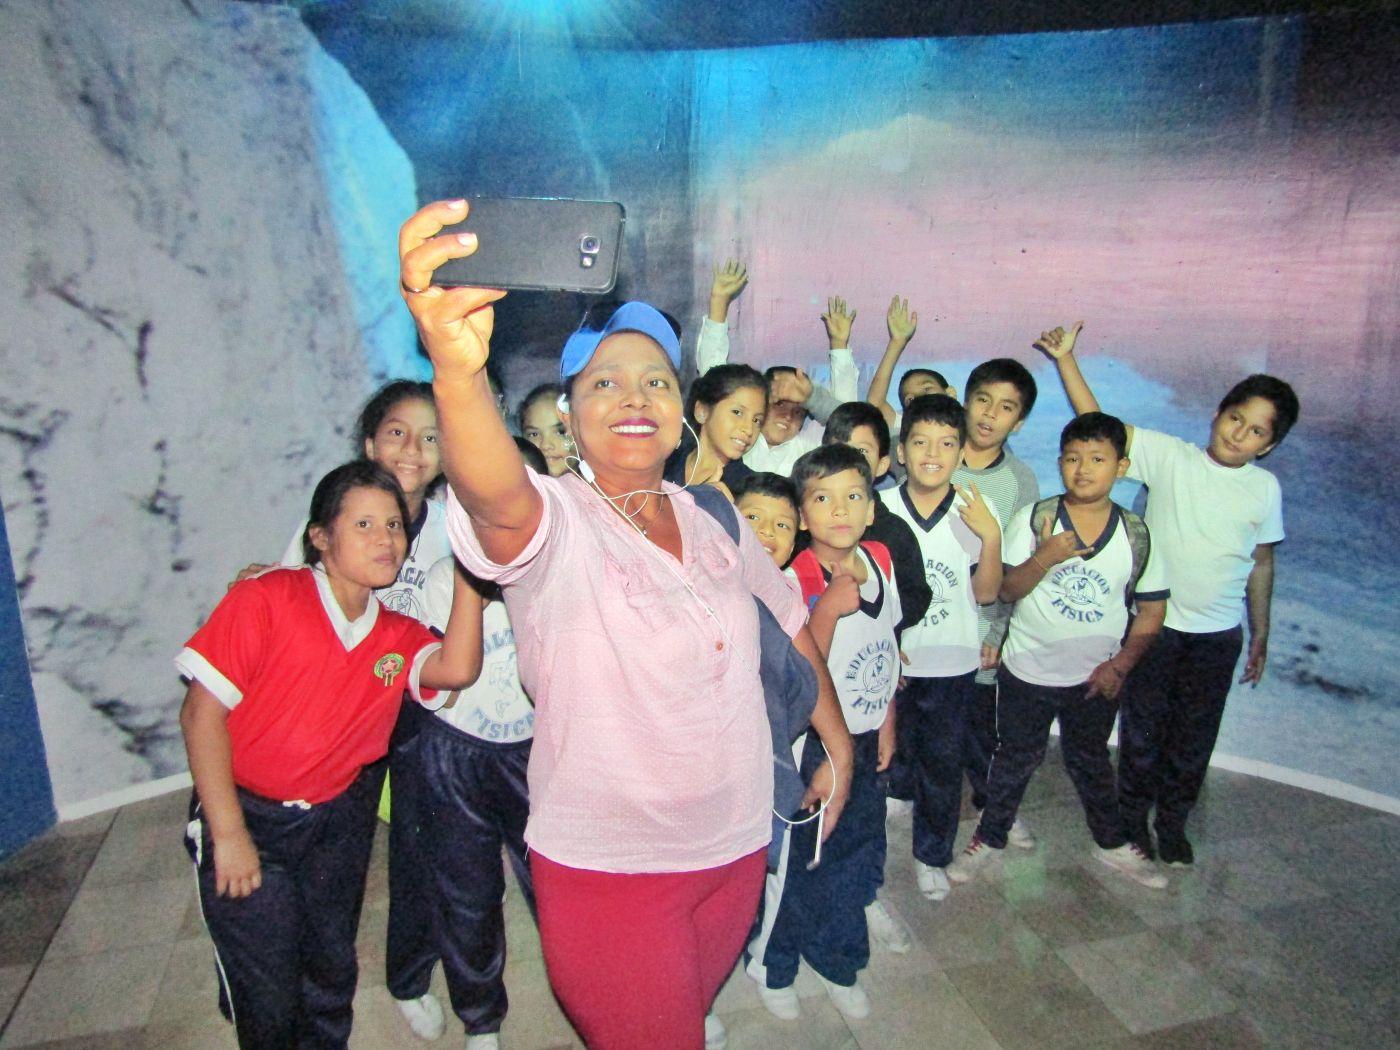 Museos guayaquileños se unieron a la tendencia #MuseumSelfieDay